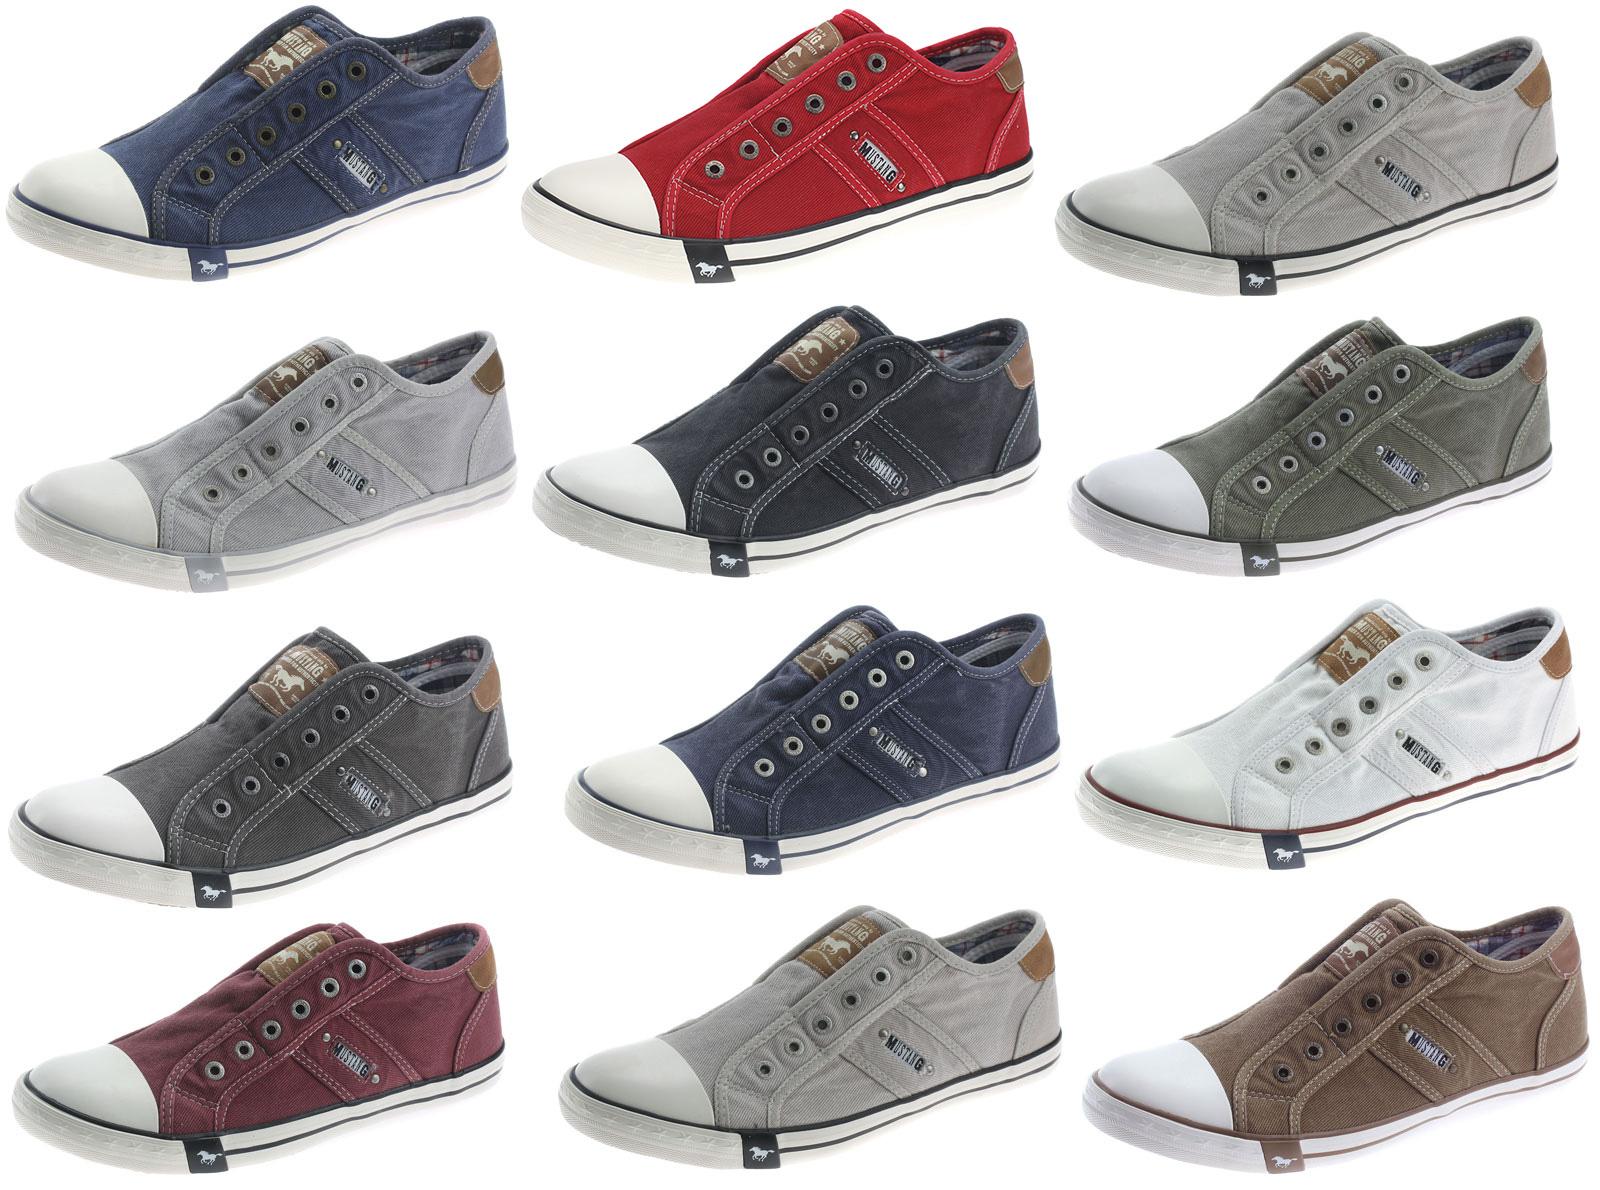 Details zu MUSTANG Sneaker Slipper Herrenschuhe Halbschuhe Canvas Jeans Schuhe 4058401